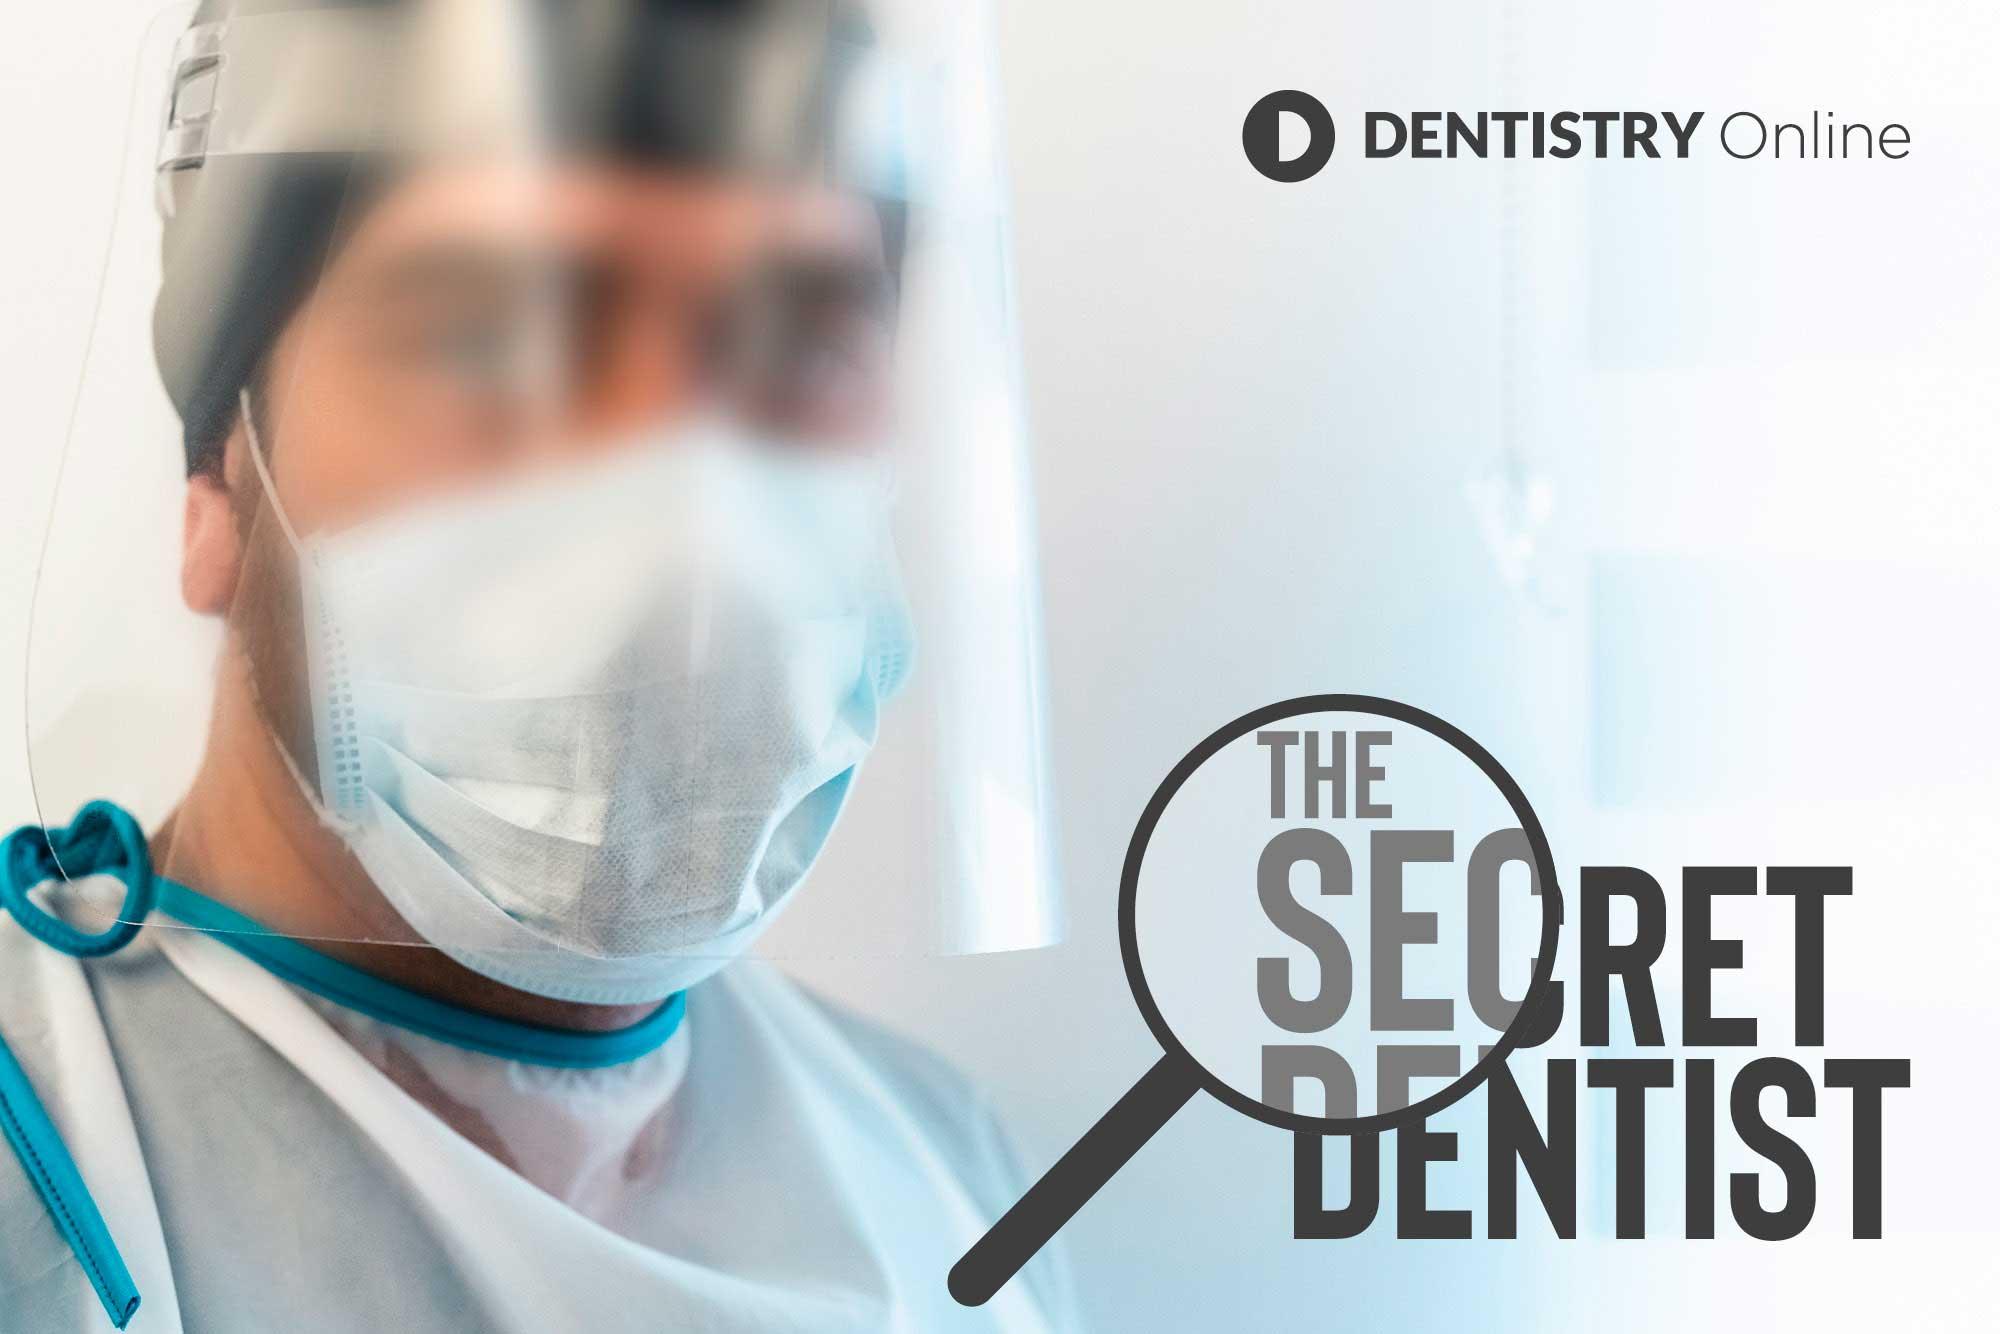 The Secret Dentist